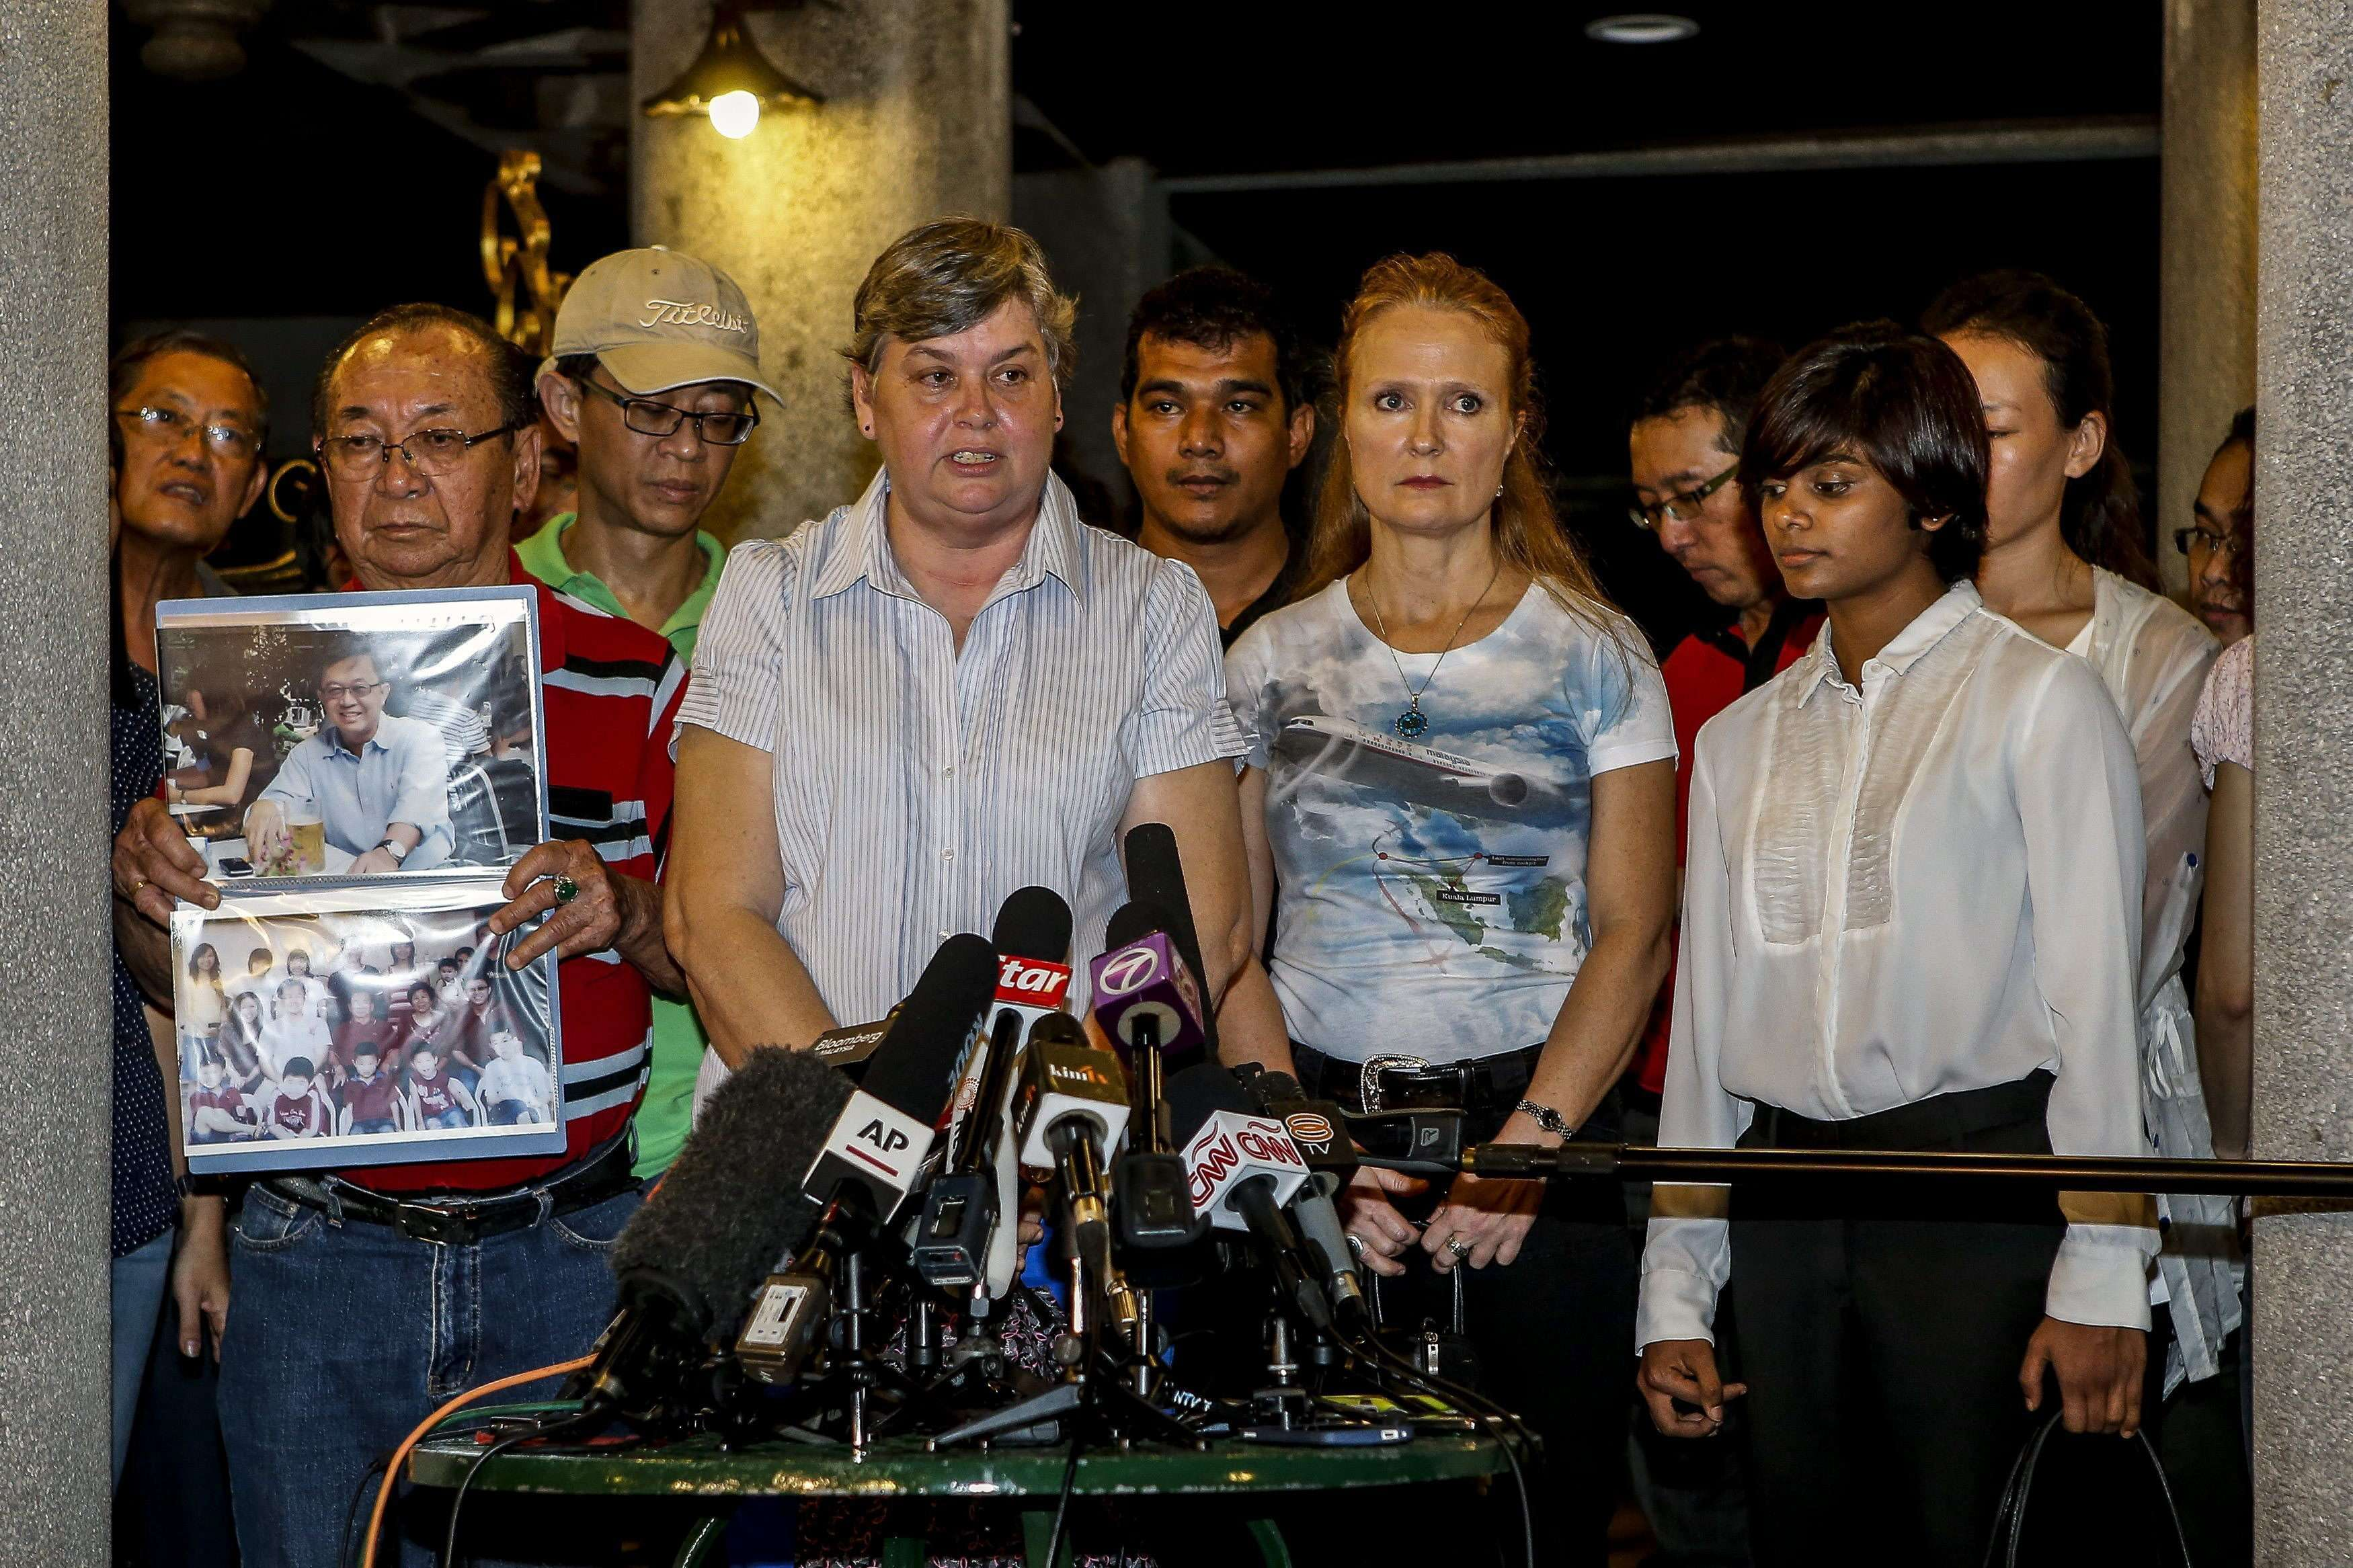 Jacquita Gomes (2i), cuyo marido trabajaba como controlador en el avión del vuelo MH370 desaparecido el 8 de marzo de 2014, habla en nombre de los familiares de las víctimas durante una rueda de prensa en Subang Jaya, Malasia (viernes 30 de enero de 2015). Foto: EFE en español